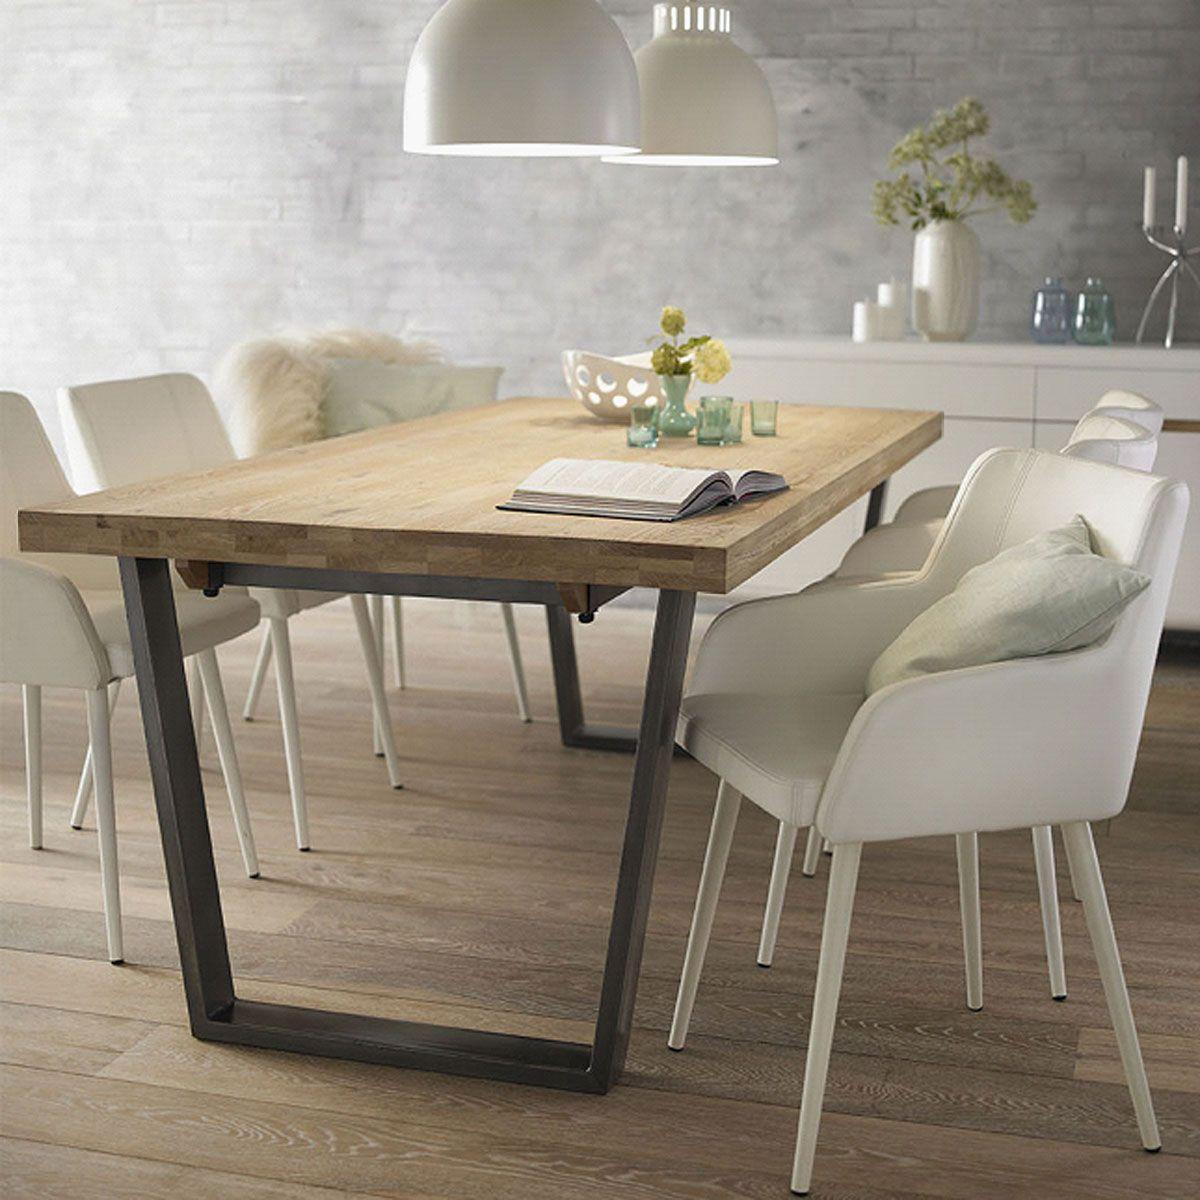 die serie calia besticht mit seinem modernen funktionellen design und mit einer hochwertigen. Black Bedroom Furniture Sets. Home Design Ideas